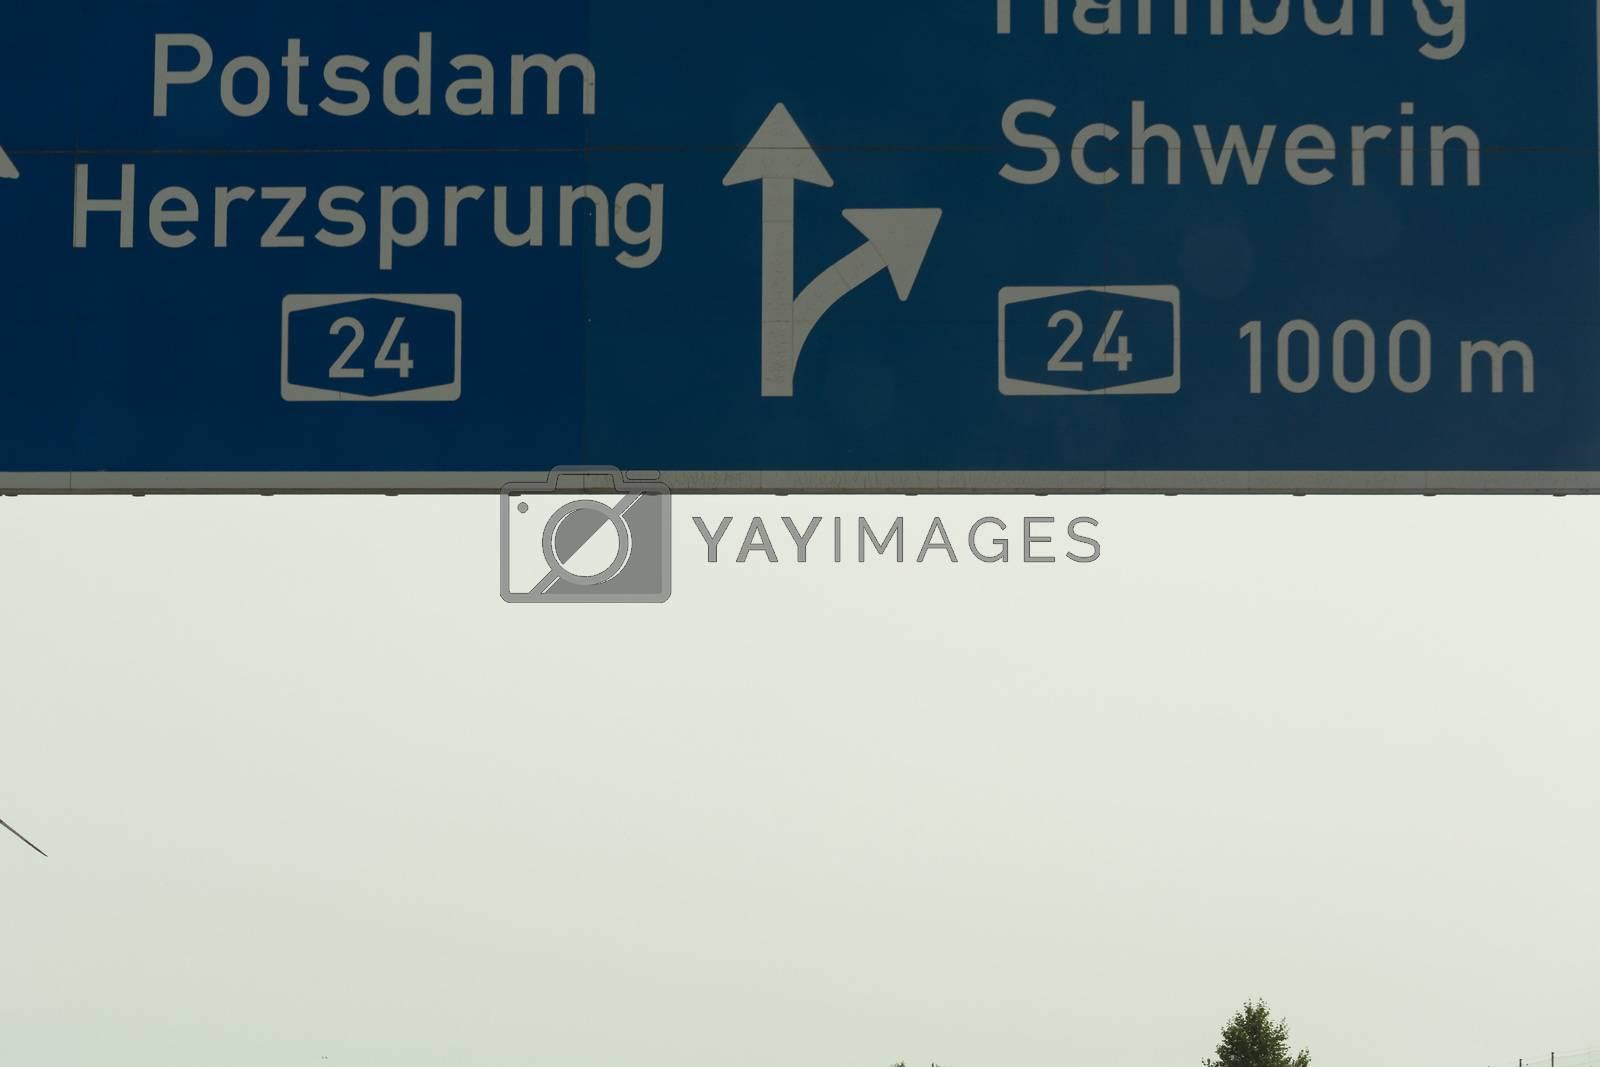 German motorway sign with inscription in German direction arrow to the cities - Berlin, Potsdam, Herzsprung, Hamburg and Schwerin